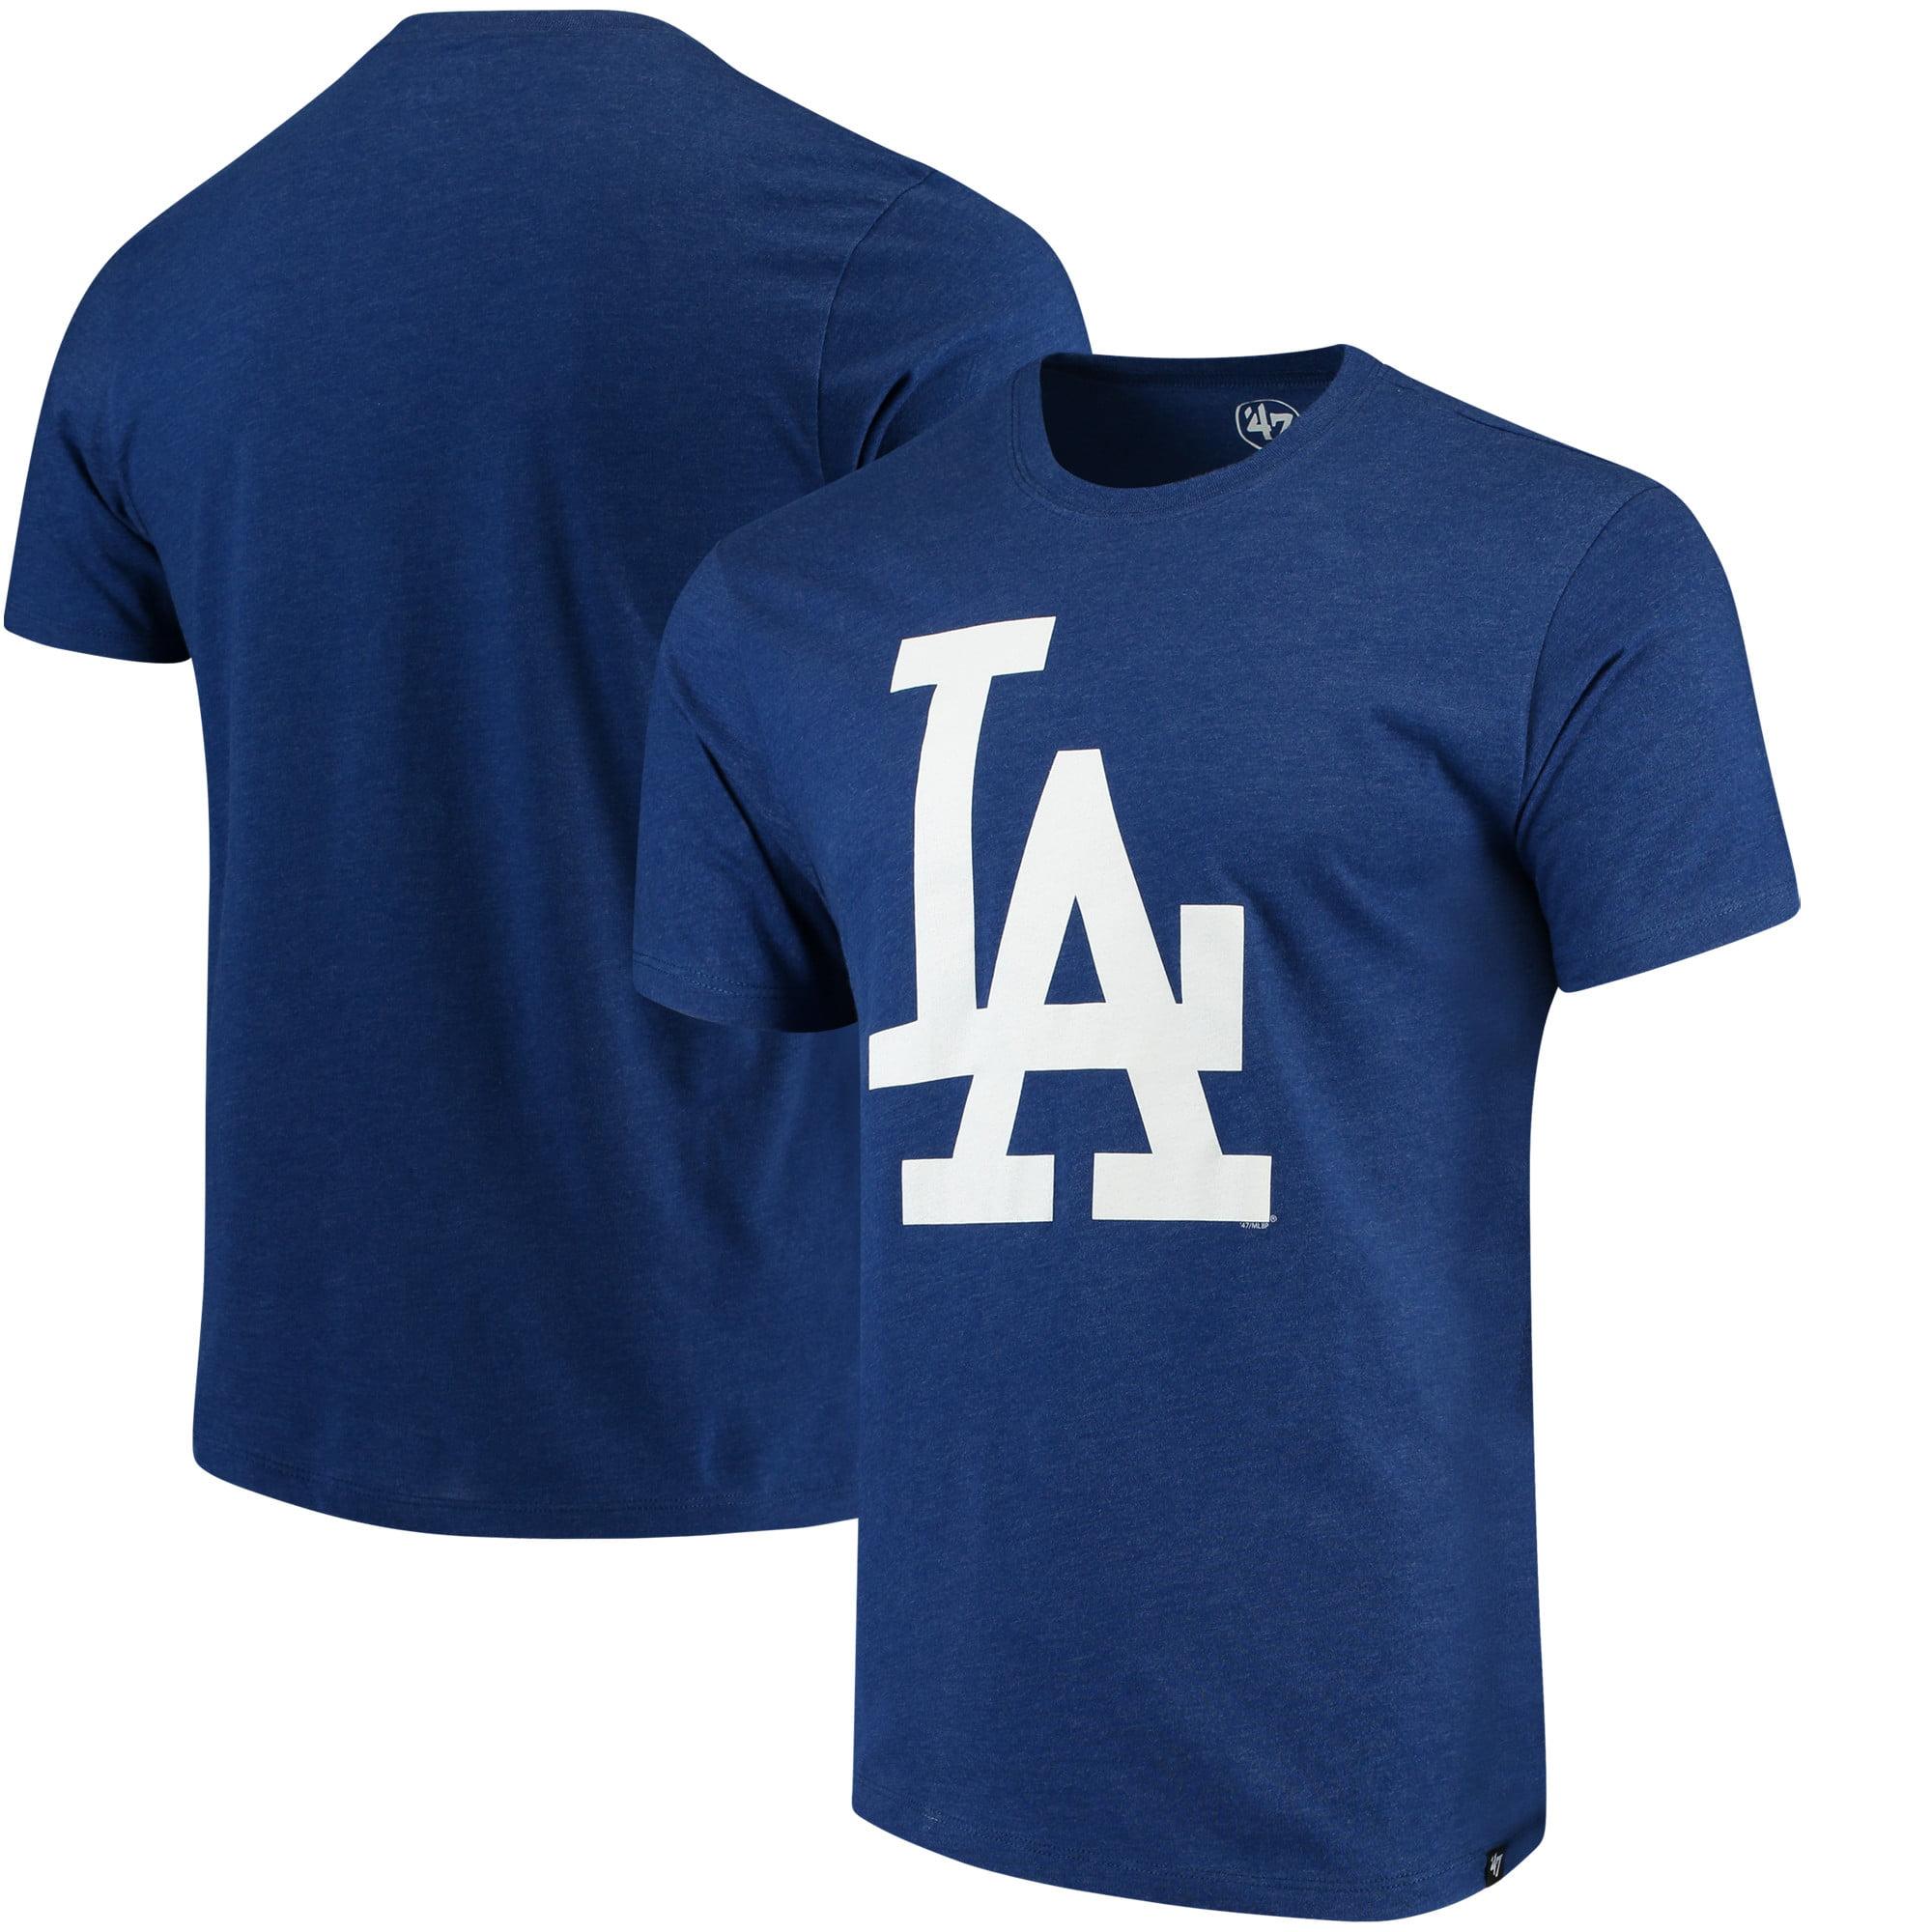 Los Angeles Dodgers '47 Club T-Shirt - Royal